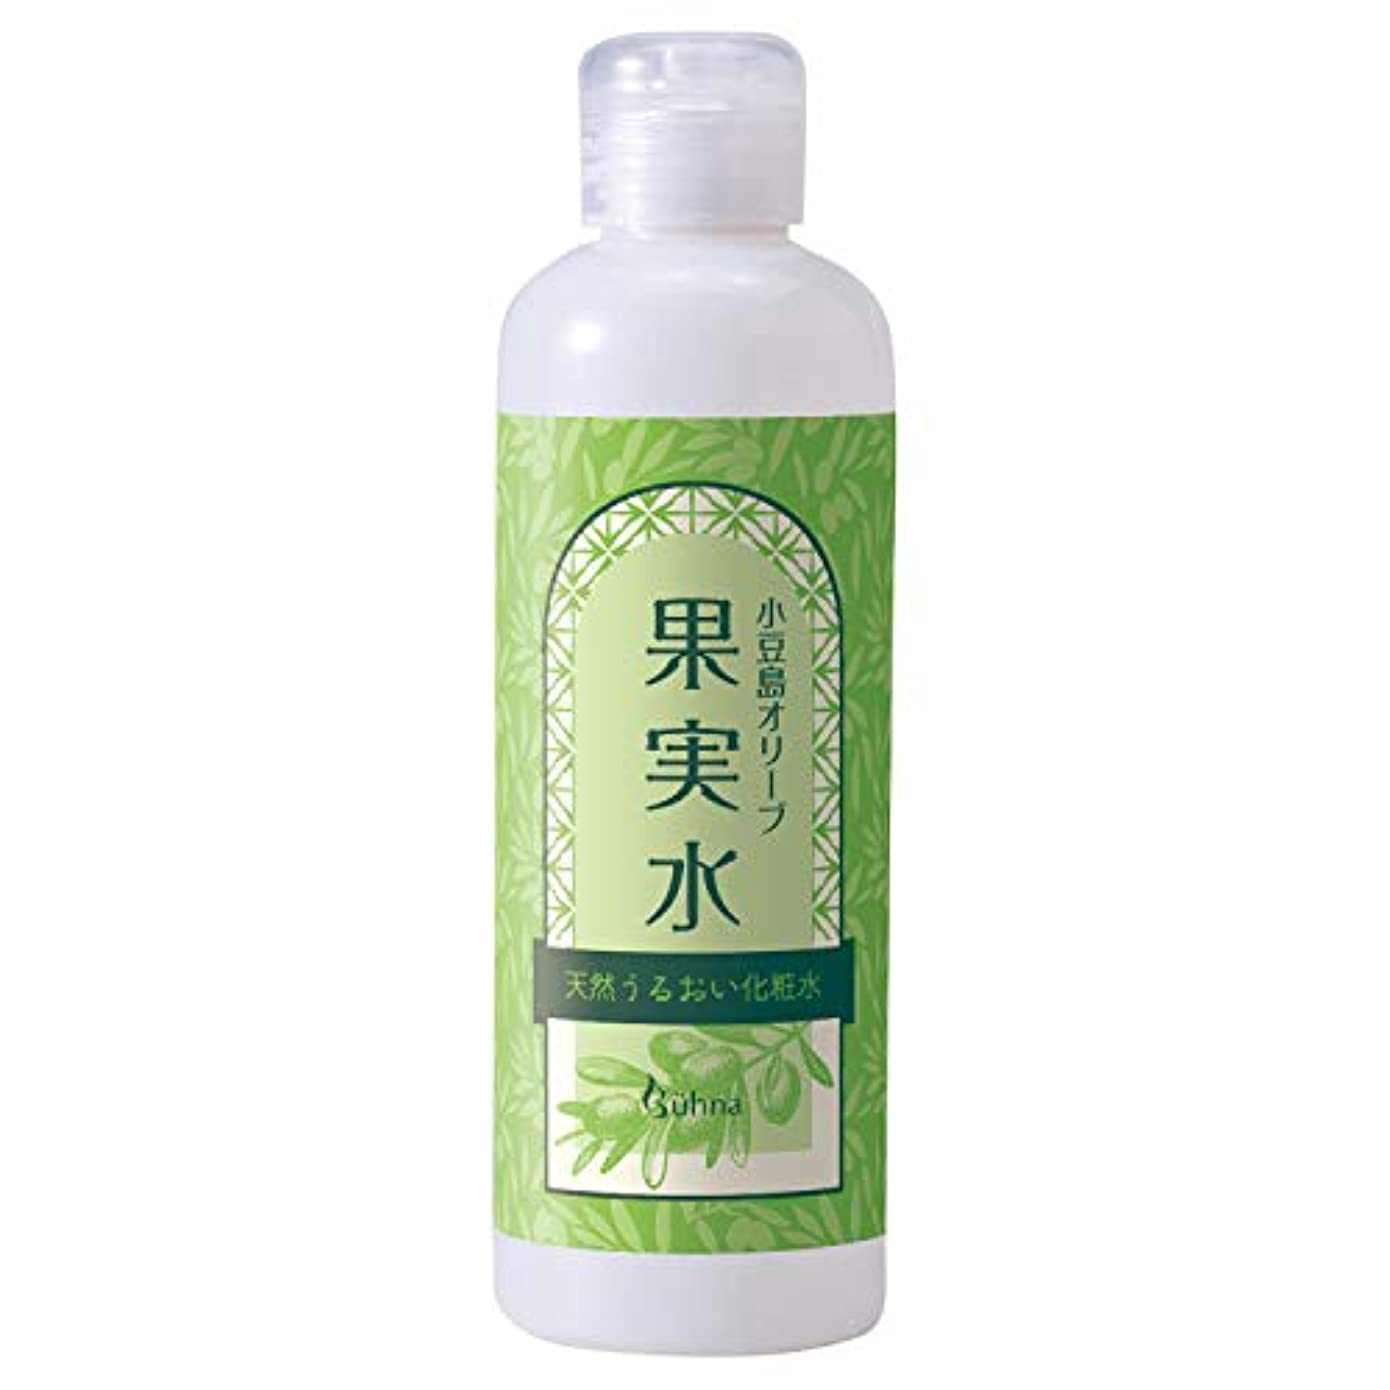 ビューナ 小豆島オリーブ果実水 化粧水 保湿 オリーブオイル 無着色